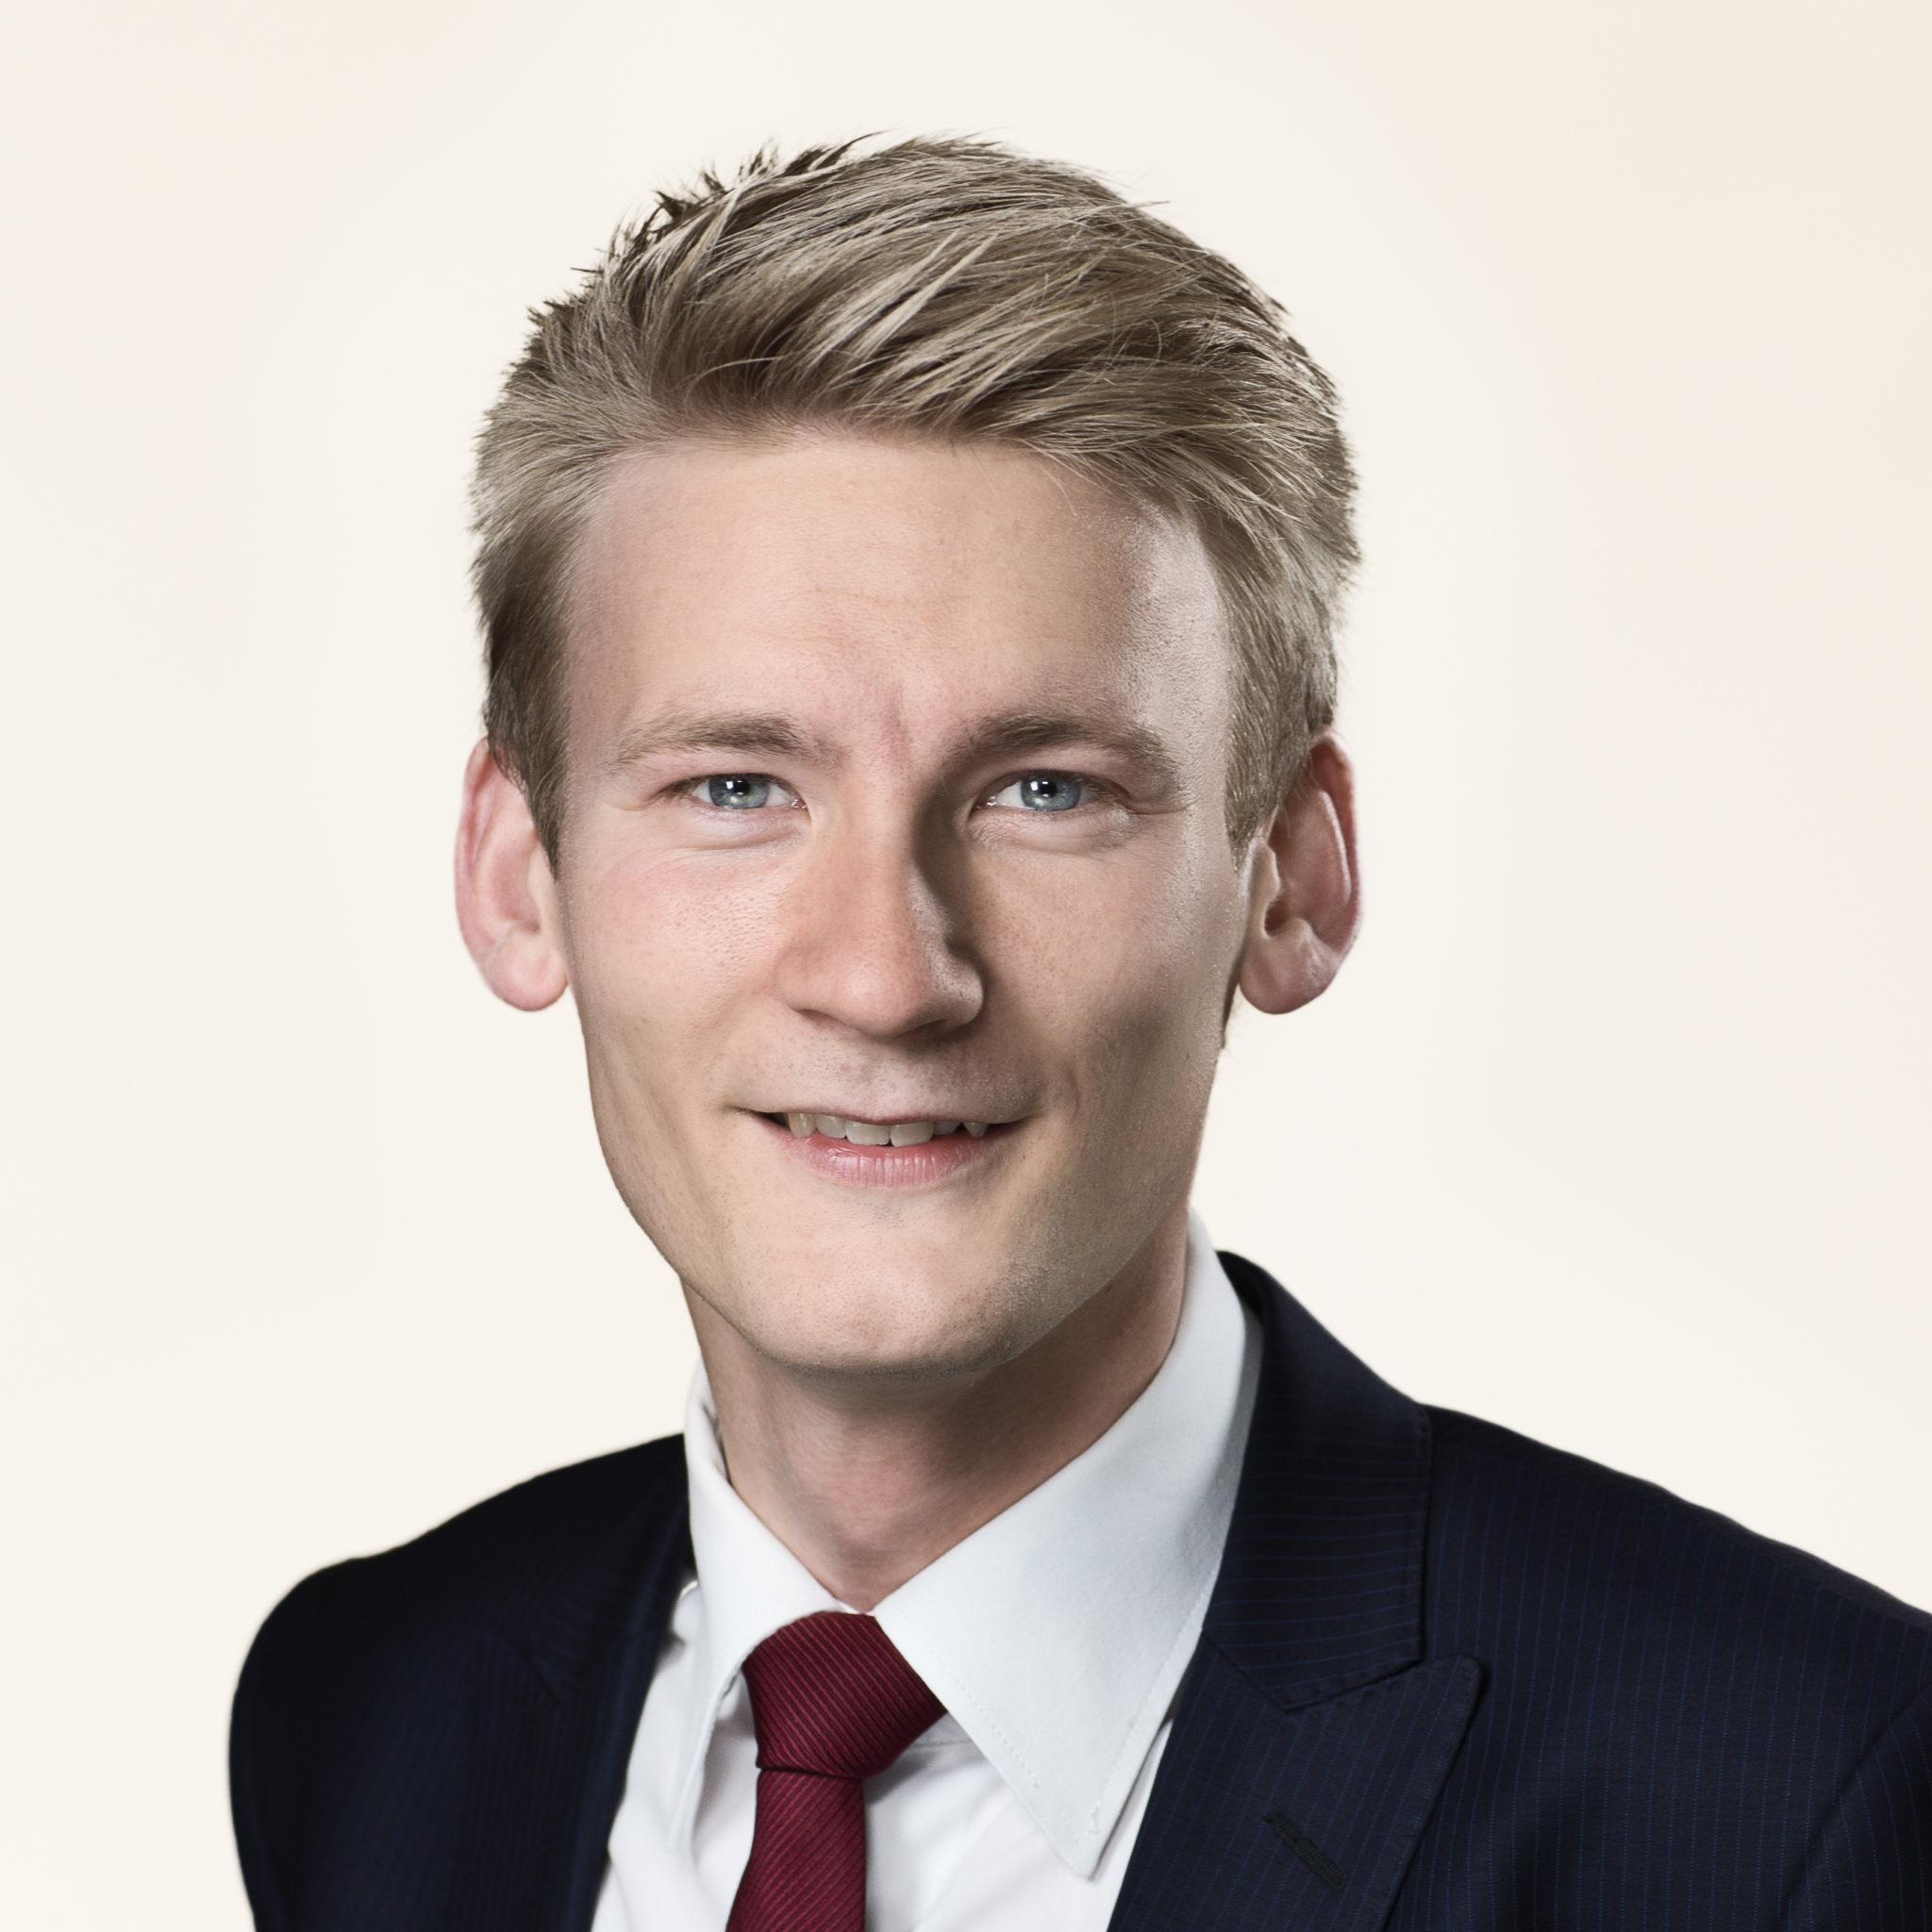 Peter Kofod Poulsen